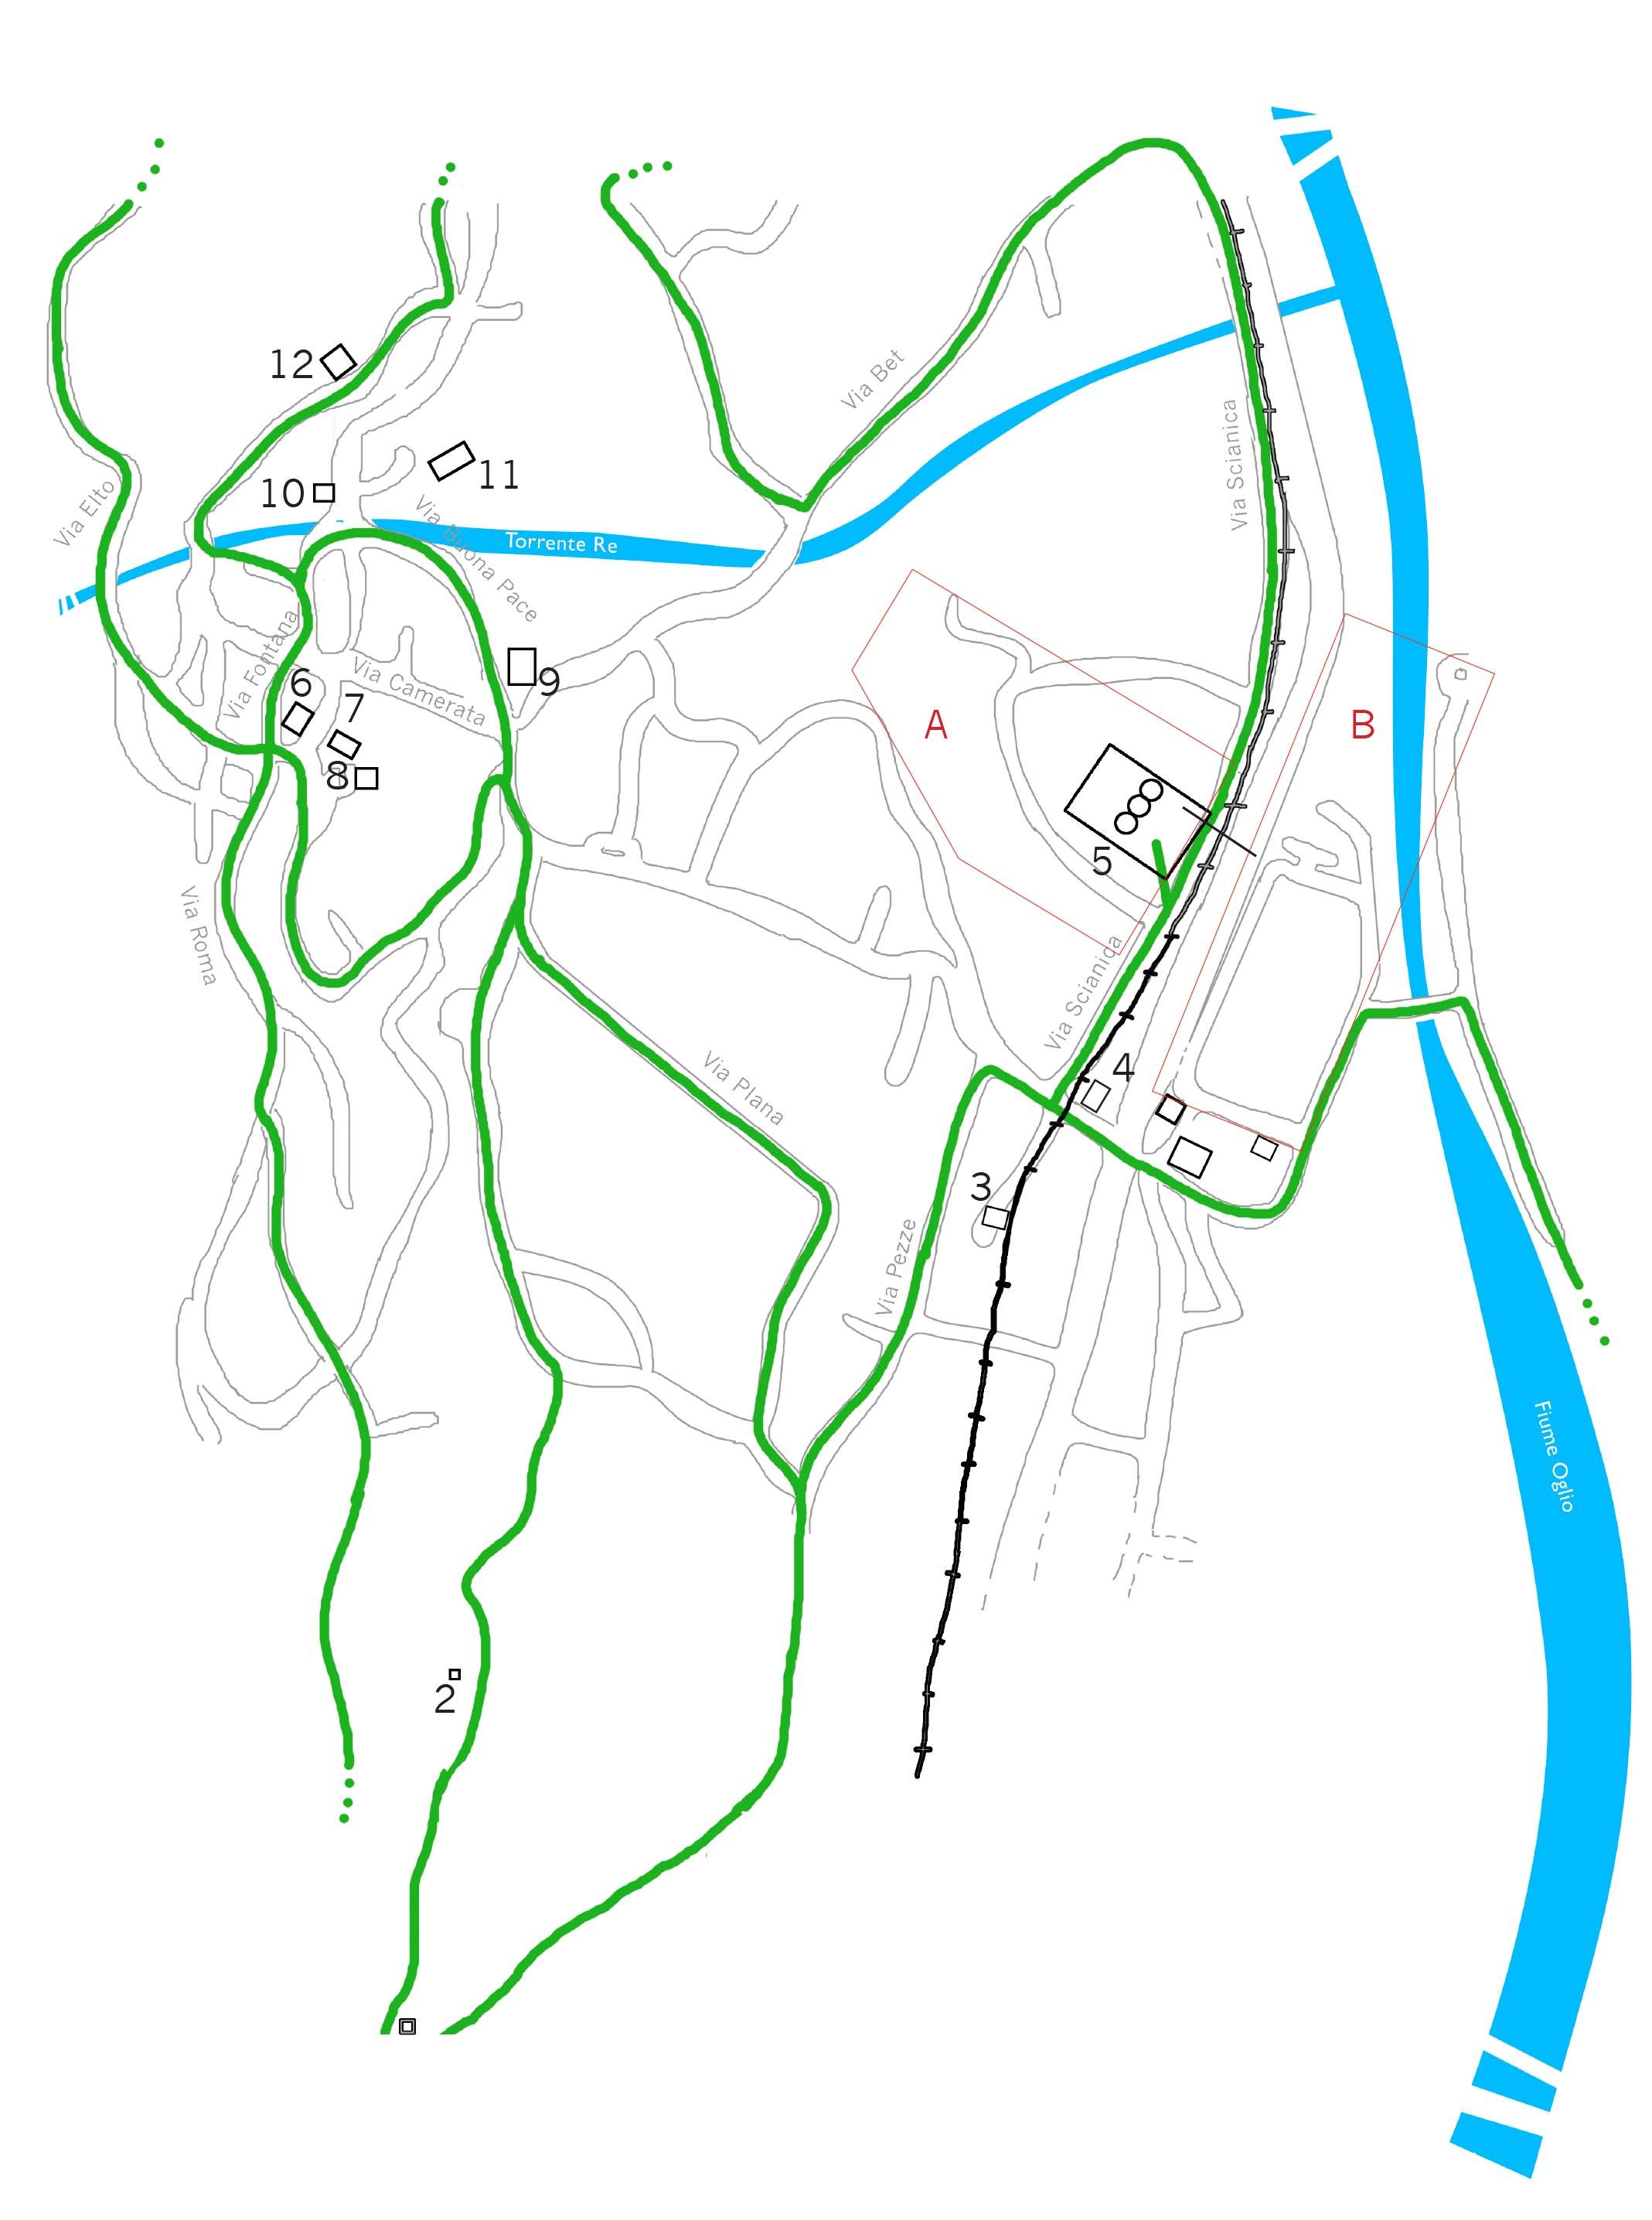 Forni da Calce di Sellero sede Post Industriale Ruralità Mappa area